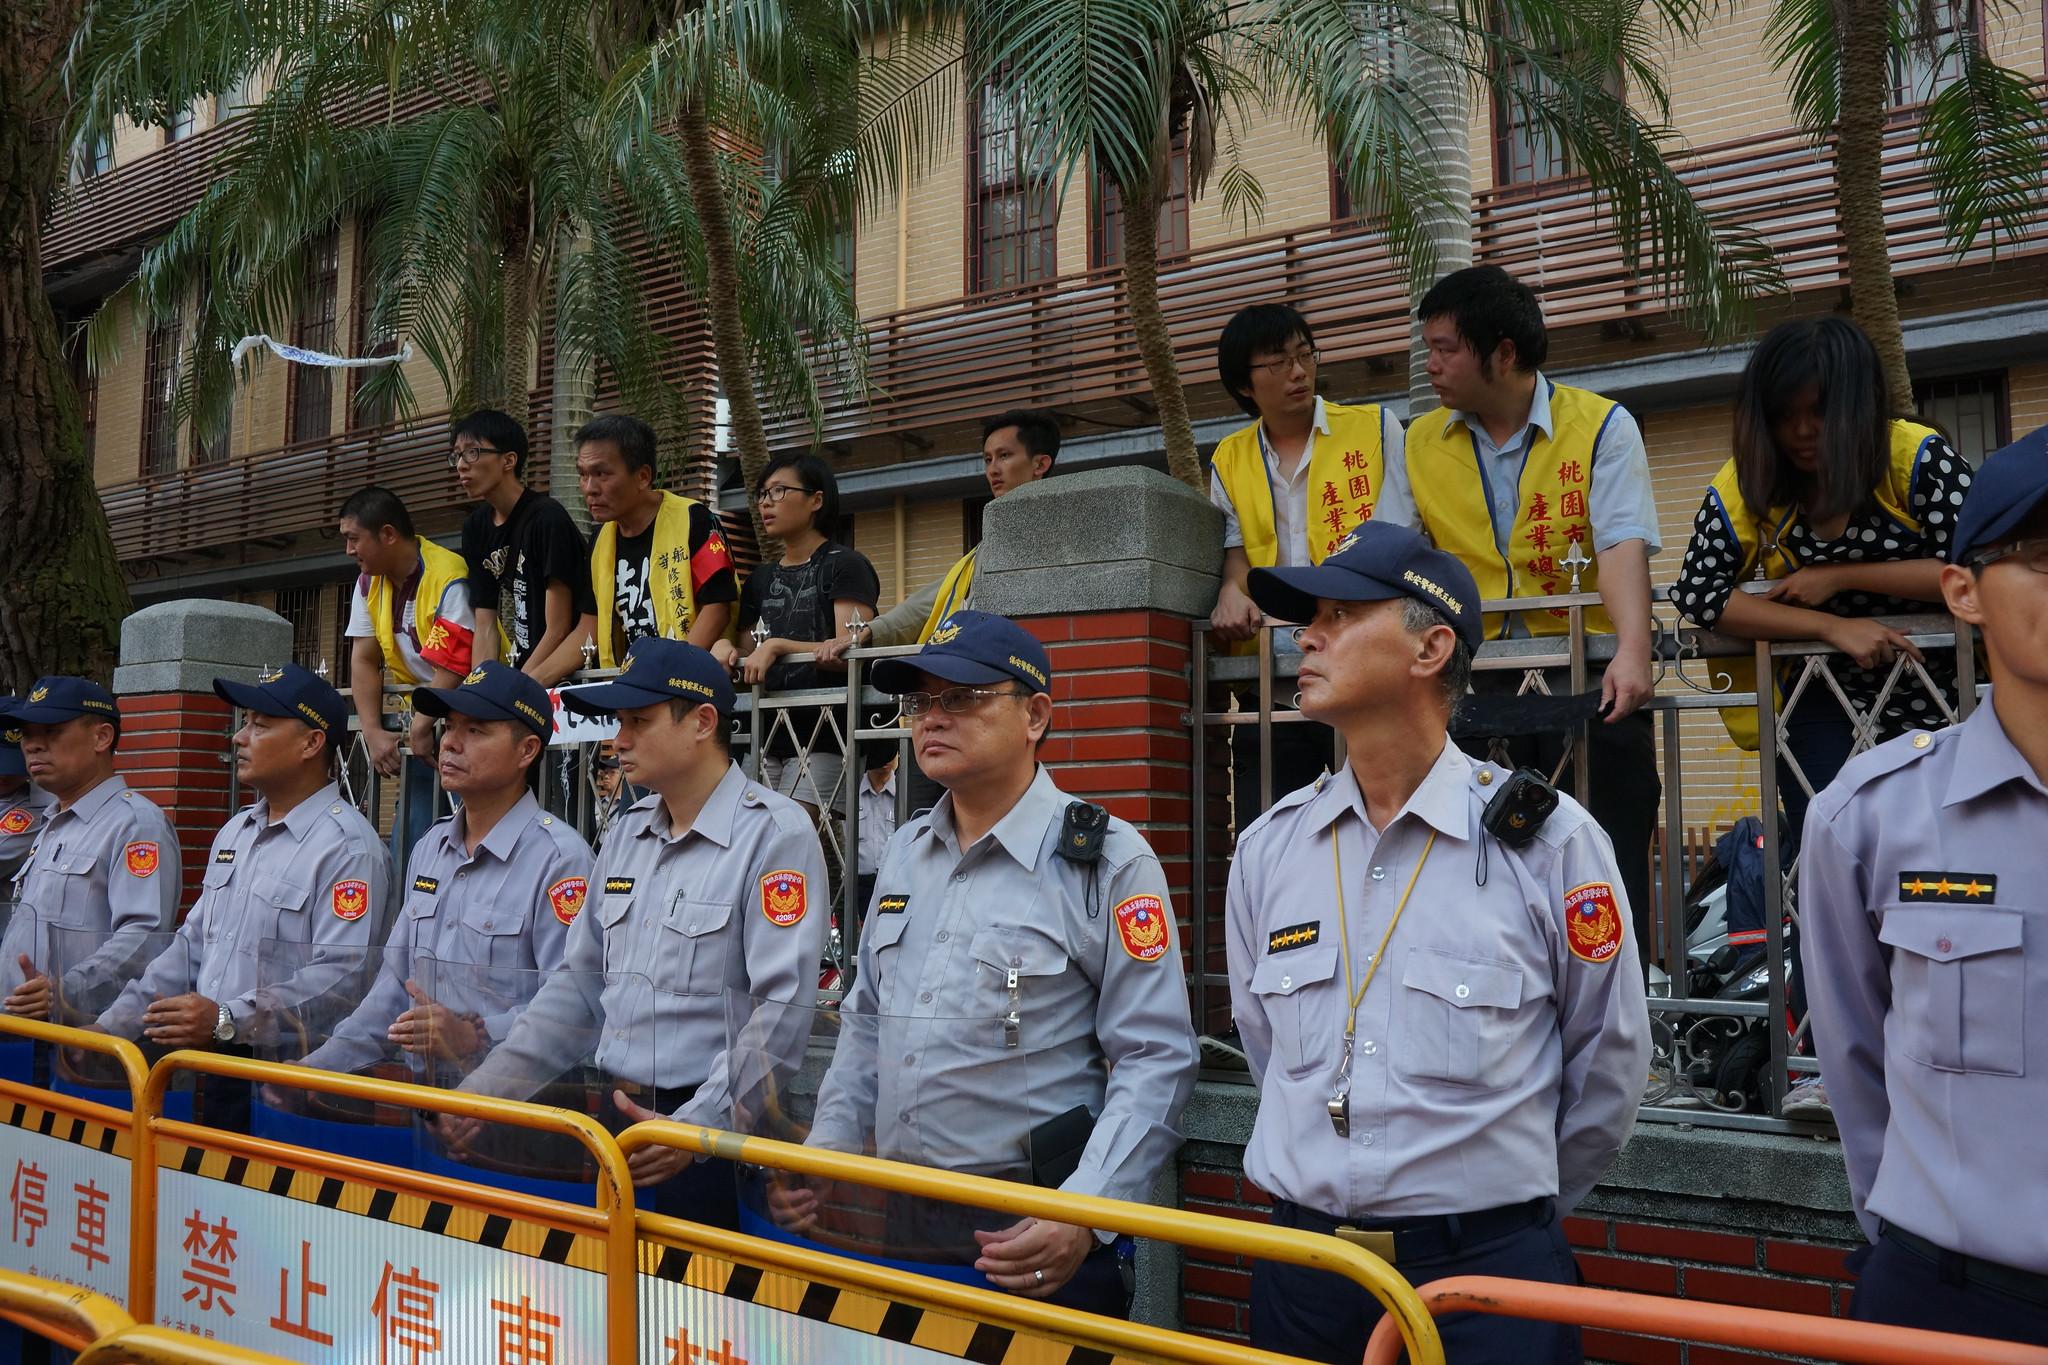 11名工會幹部順利翻牆進入立法院。(攝影:王顥中)